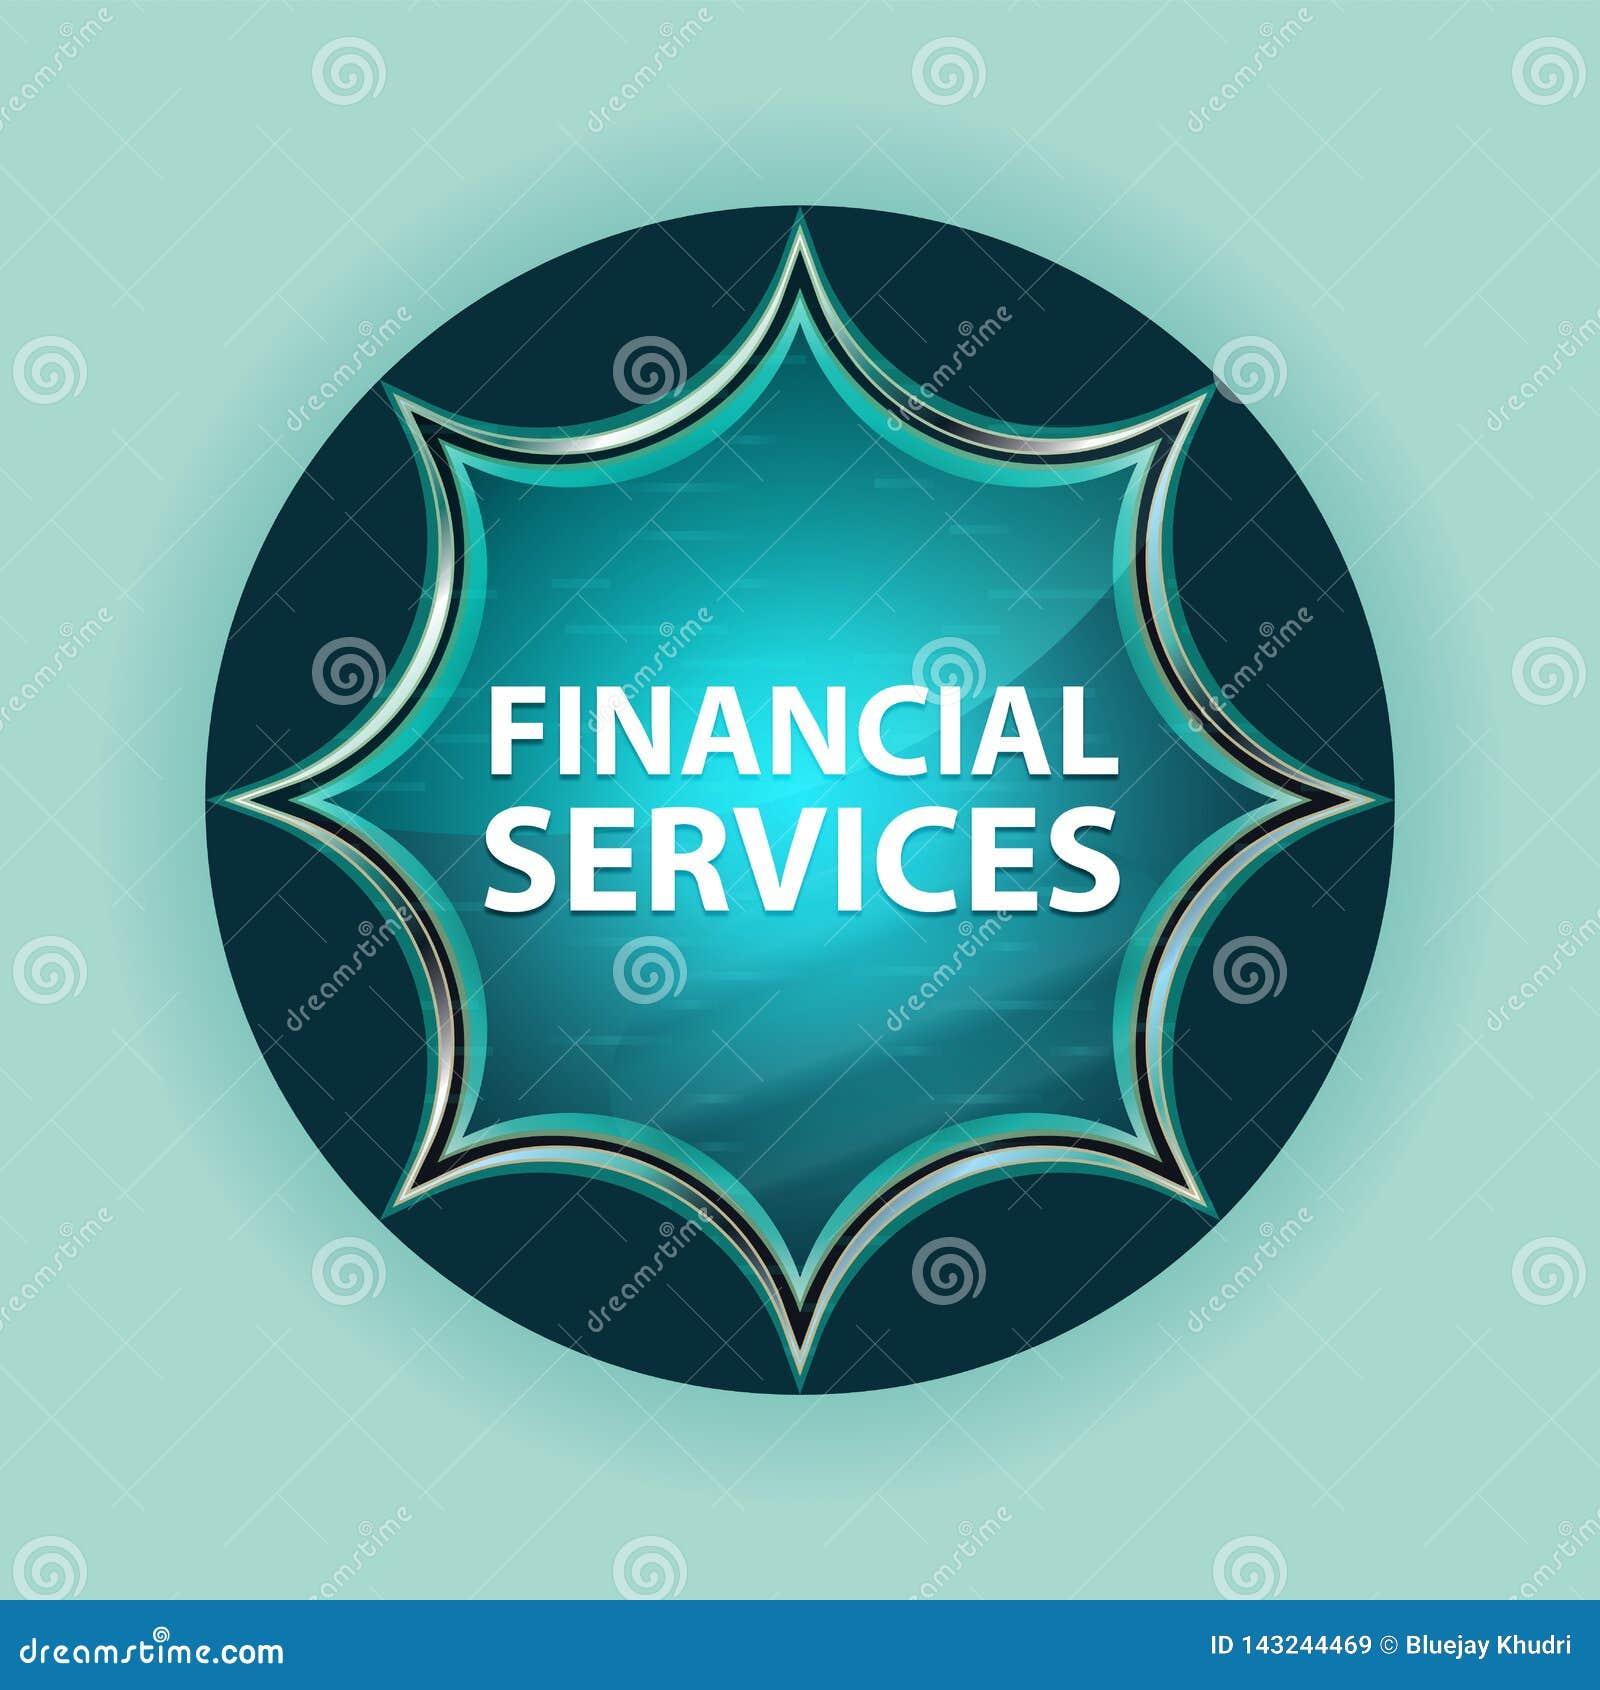 金融服务不可思议的玻璃状镶有钻石的旭日形首饰的蓝色按钮天蓝色背景